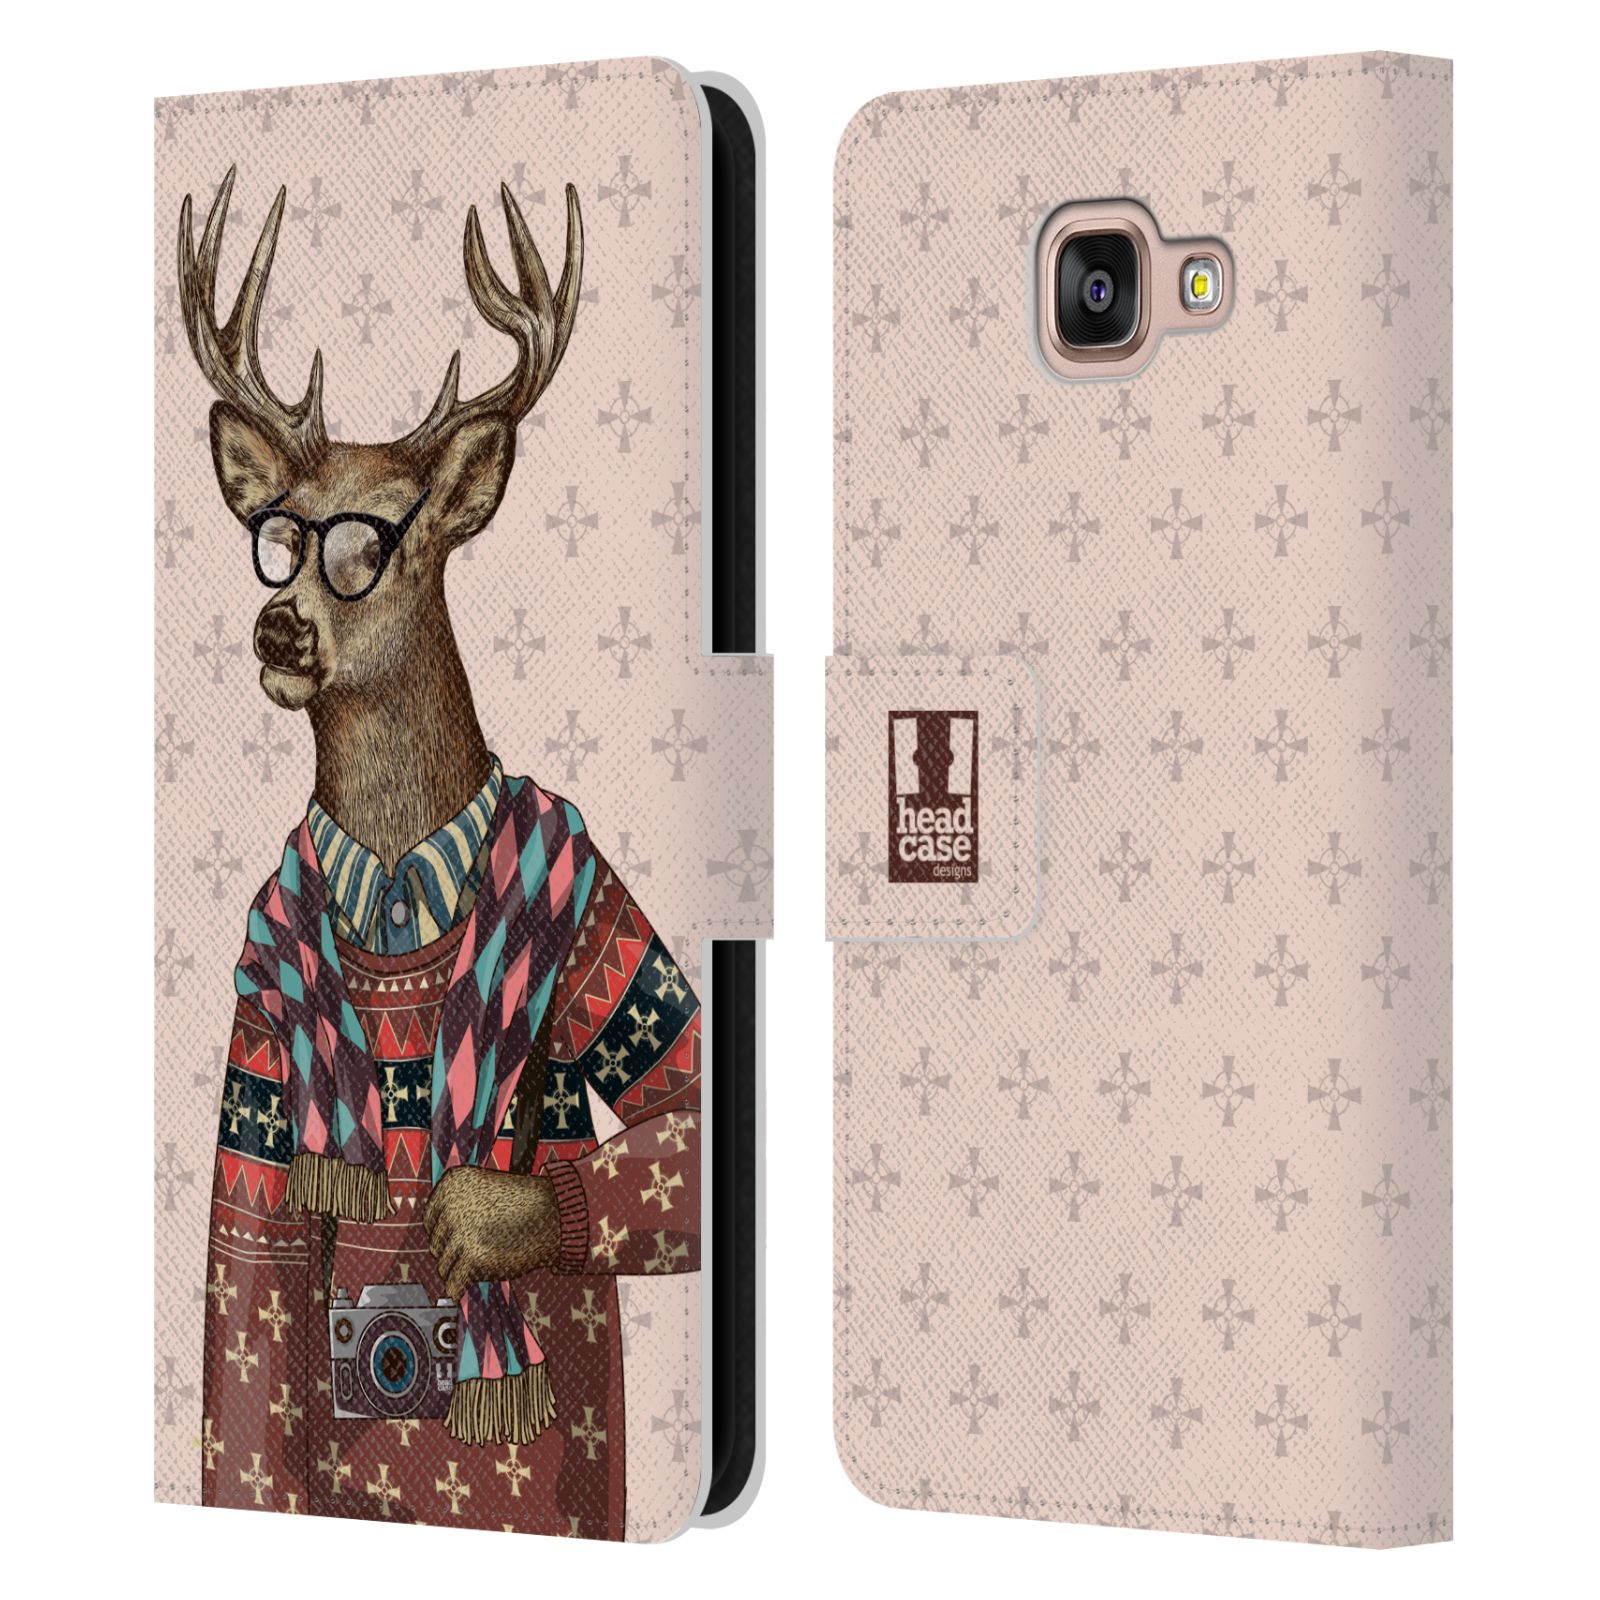 head case animali alla moda cover a portafoglio per